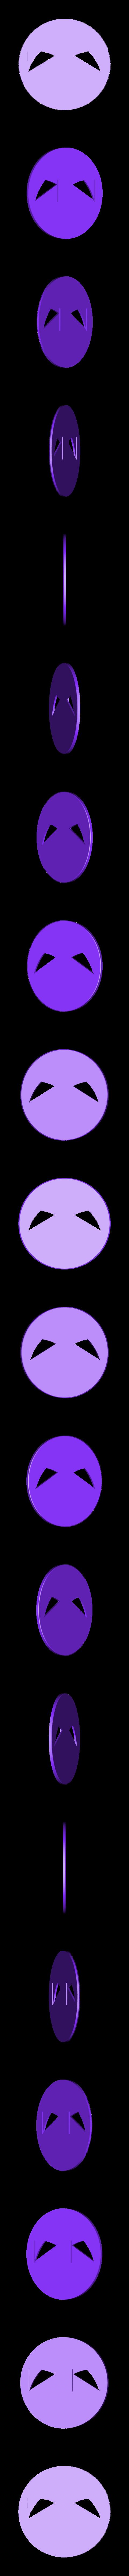 inner_ring.stl Télécharger fichier STL gratuit Symbole magnétique de Deadpool • Modèle à imprimer en 3D, Kajdalon